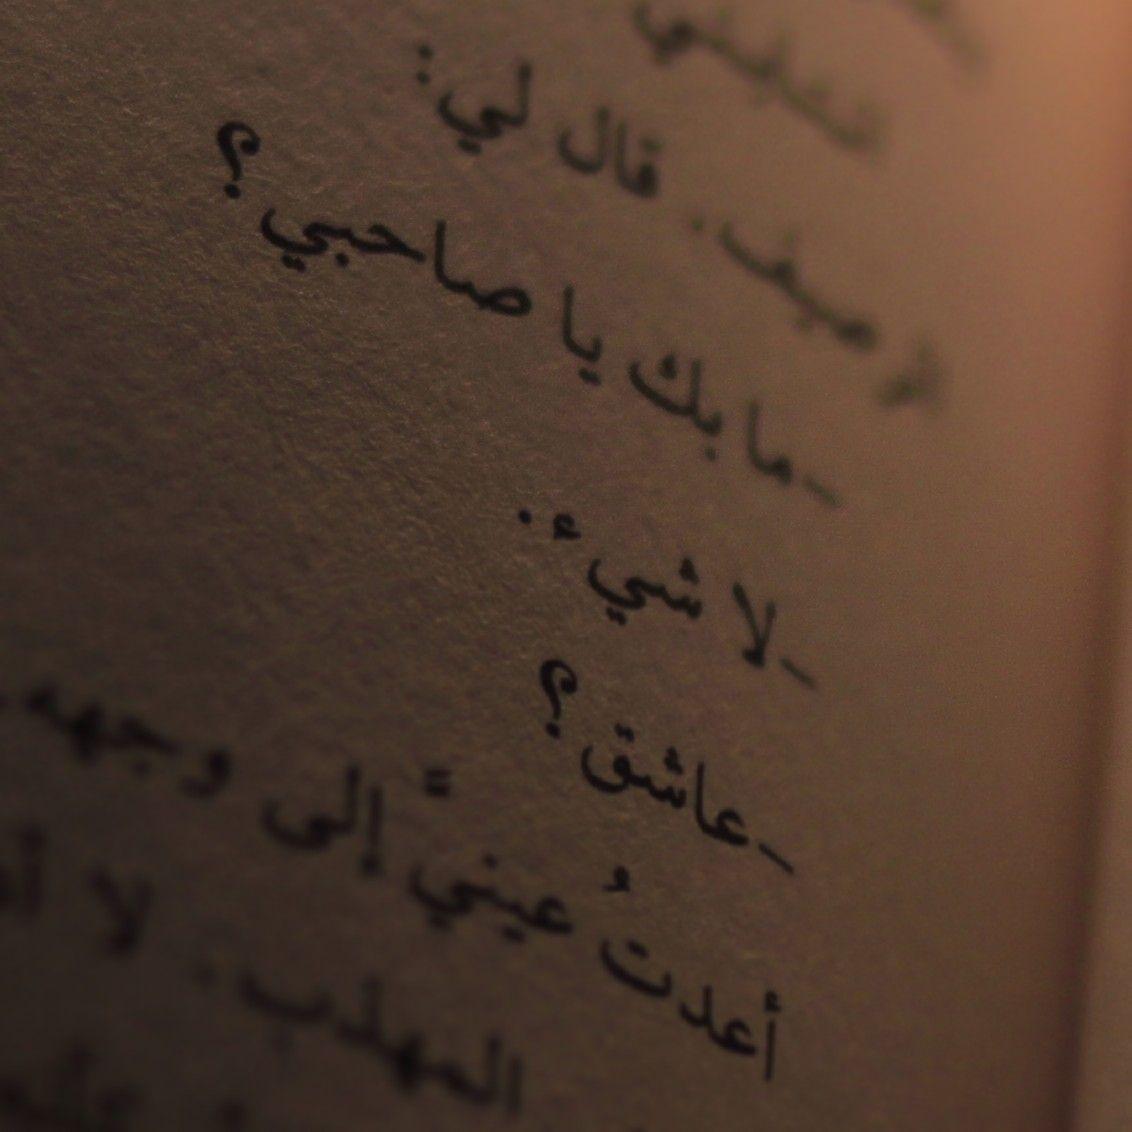 عاشق Tattoo Quotes Quotes Arabic Calligraphy